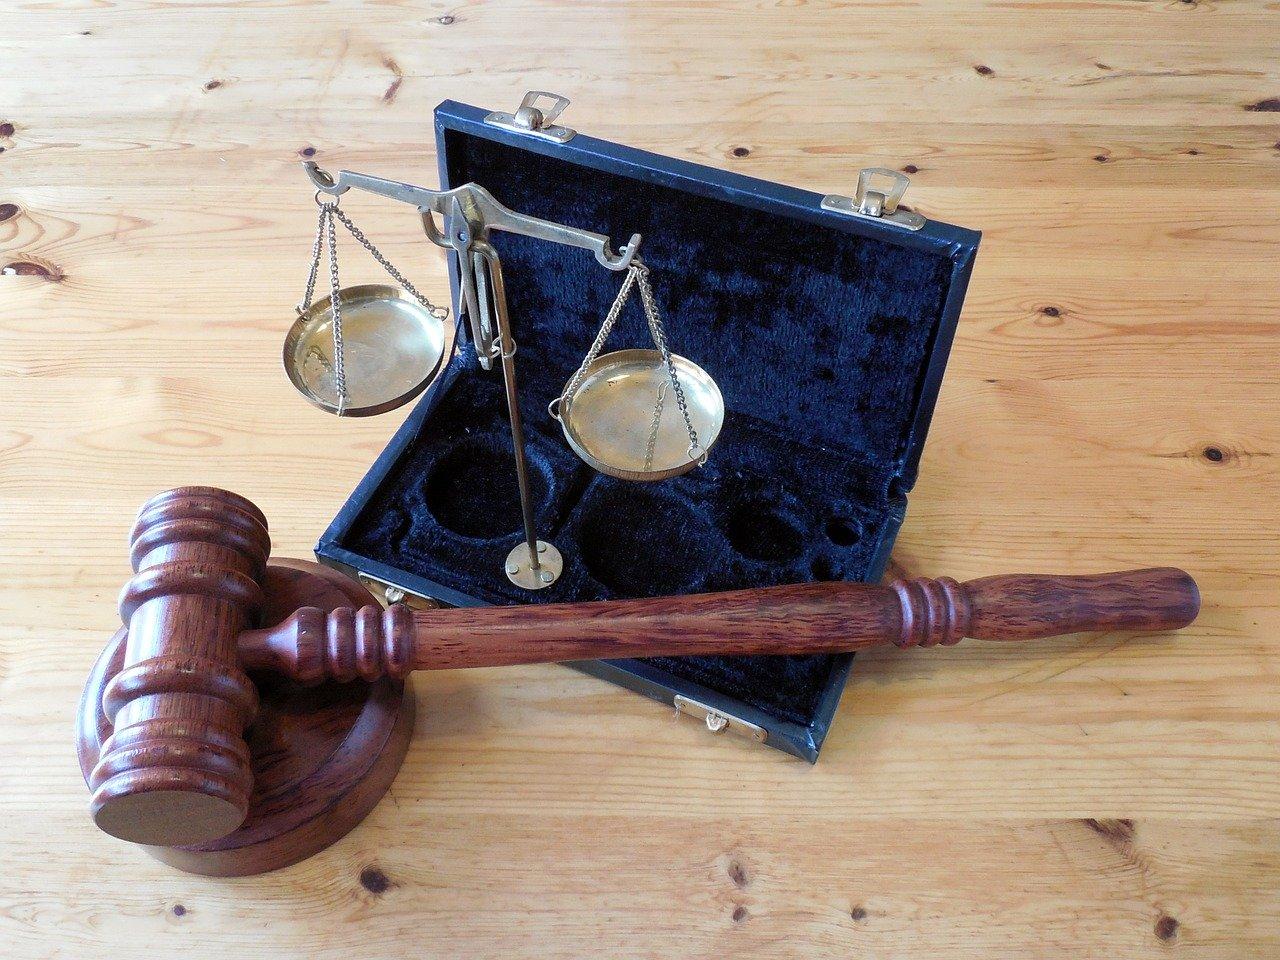 עורך דין לענייני צוואה בקריית אתא